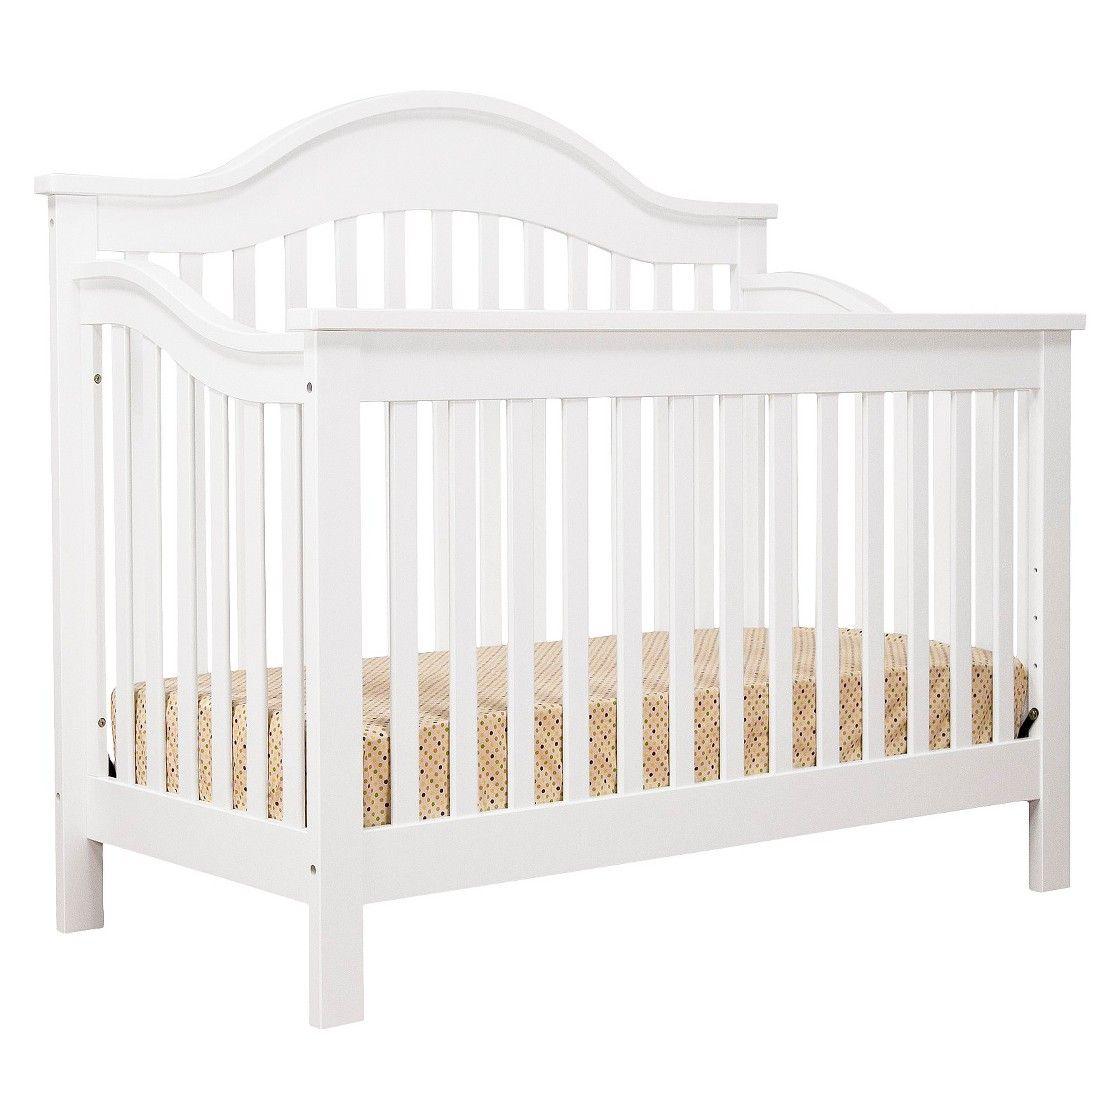 DaVinci Jayden 4 in 1 Crib with Toddler Rail - White